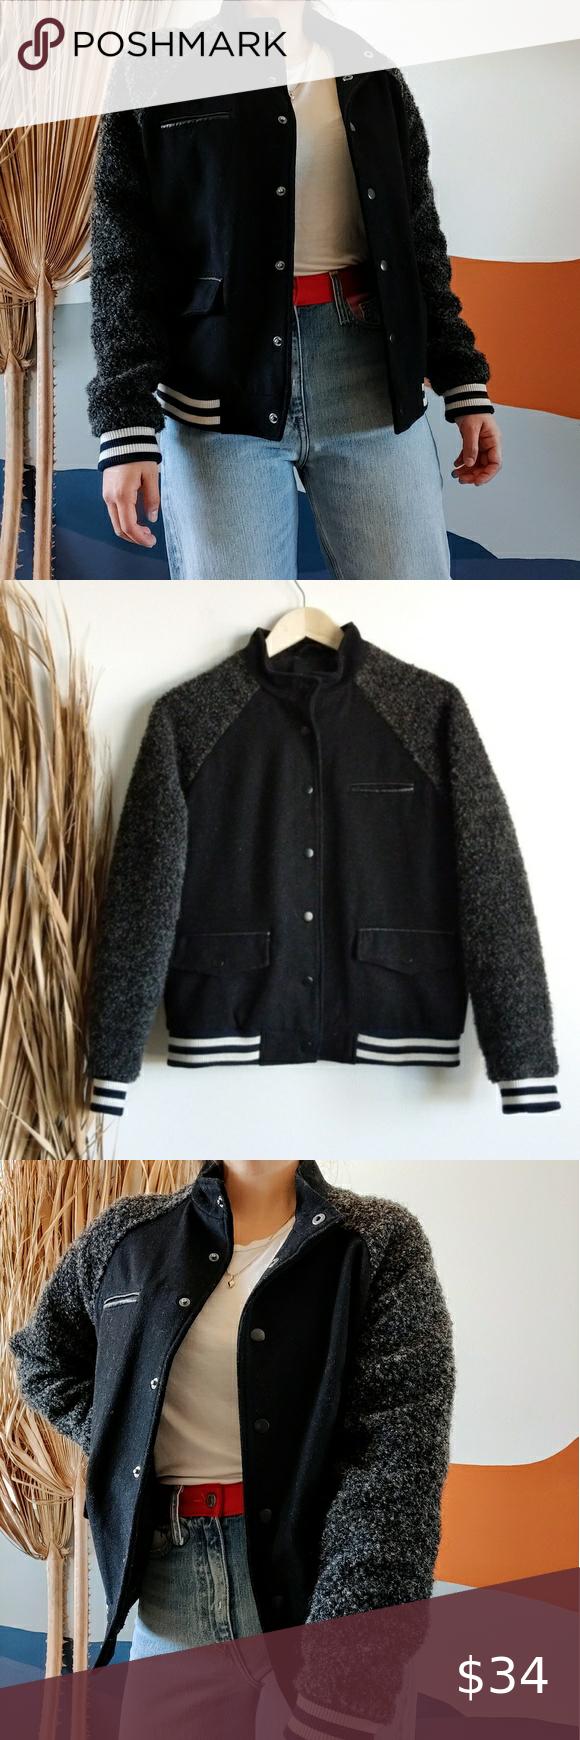 Varsity Stripe Wool Fuzzy Bomber Jacket In Black In 2020 Jackets Bomber Jacket Forever 21 Jacket Coats [ 1740 x 580 Pixel ]